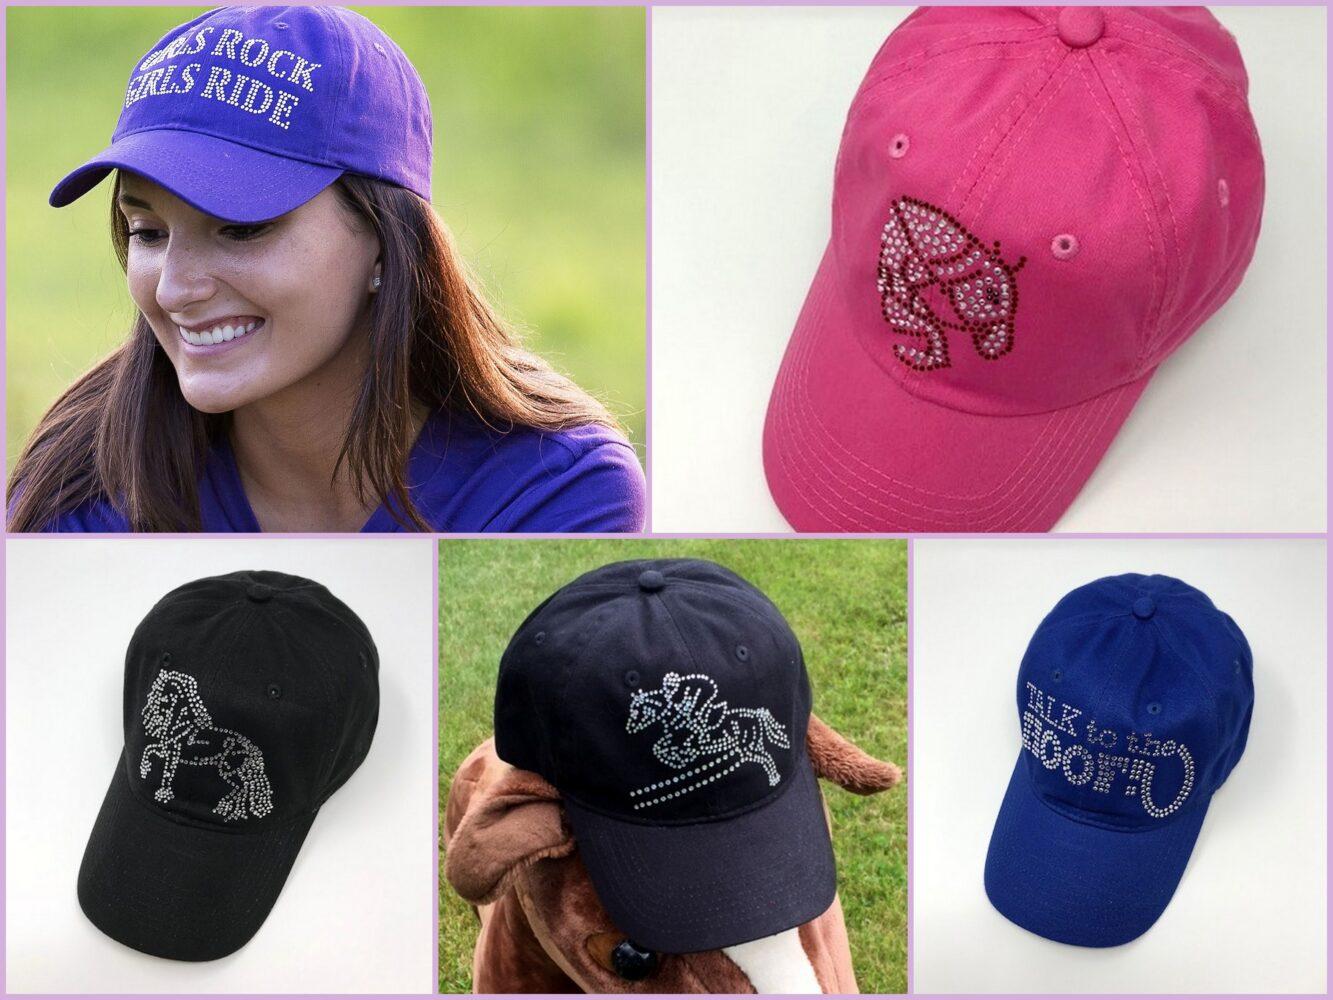 Starrider Caps